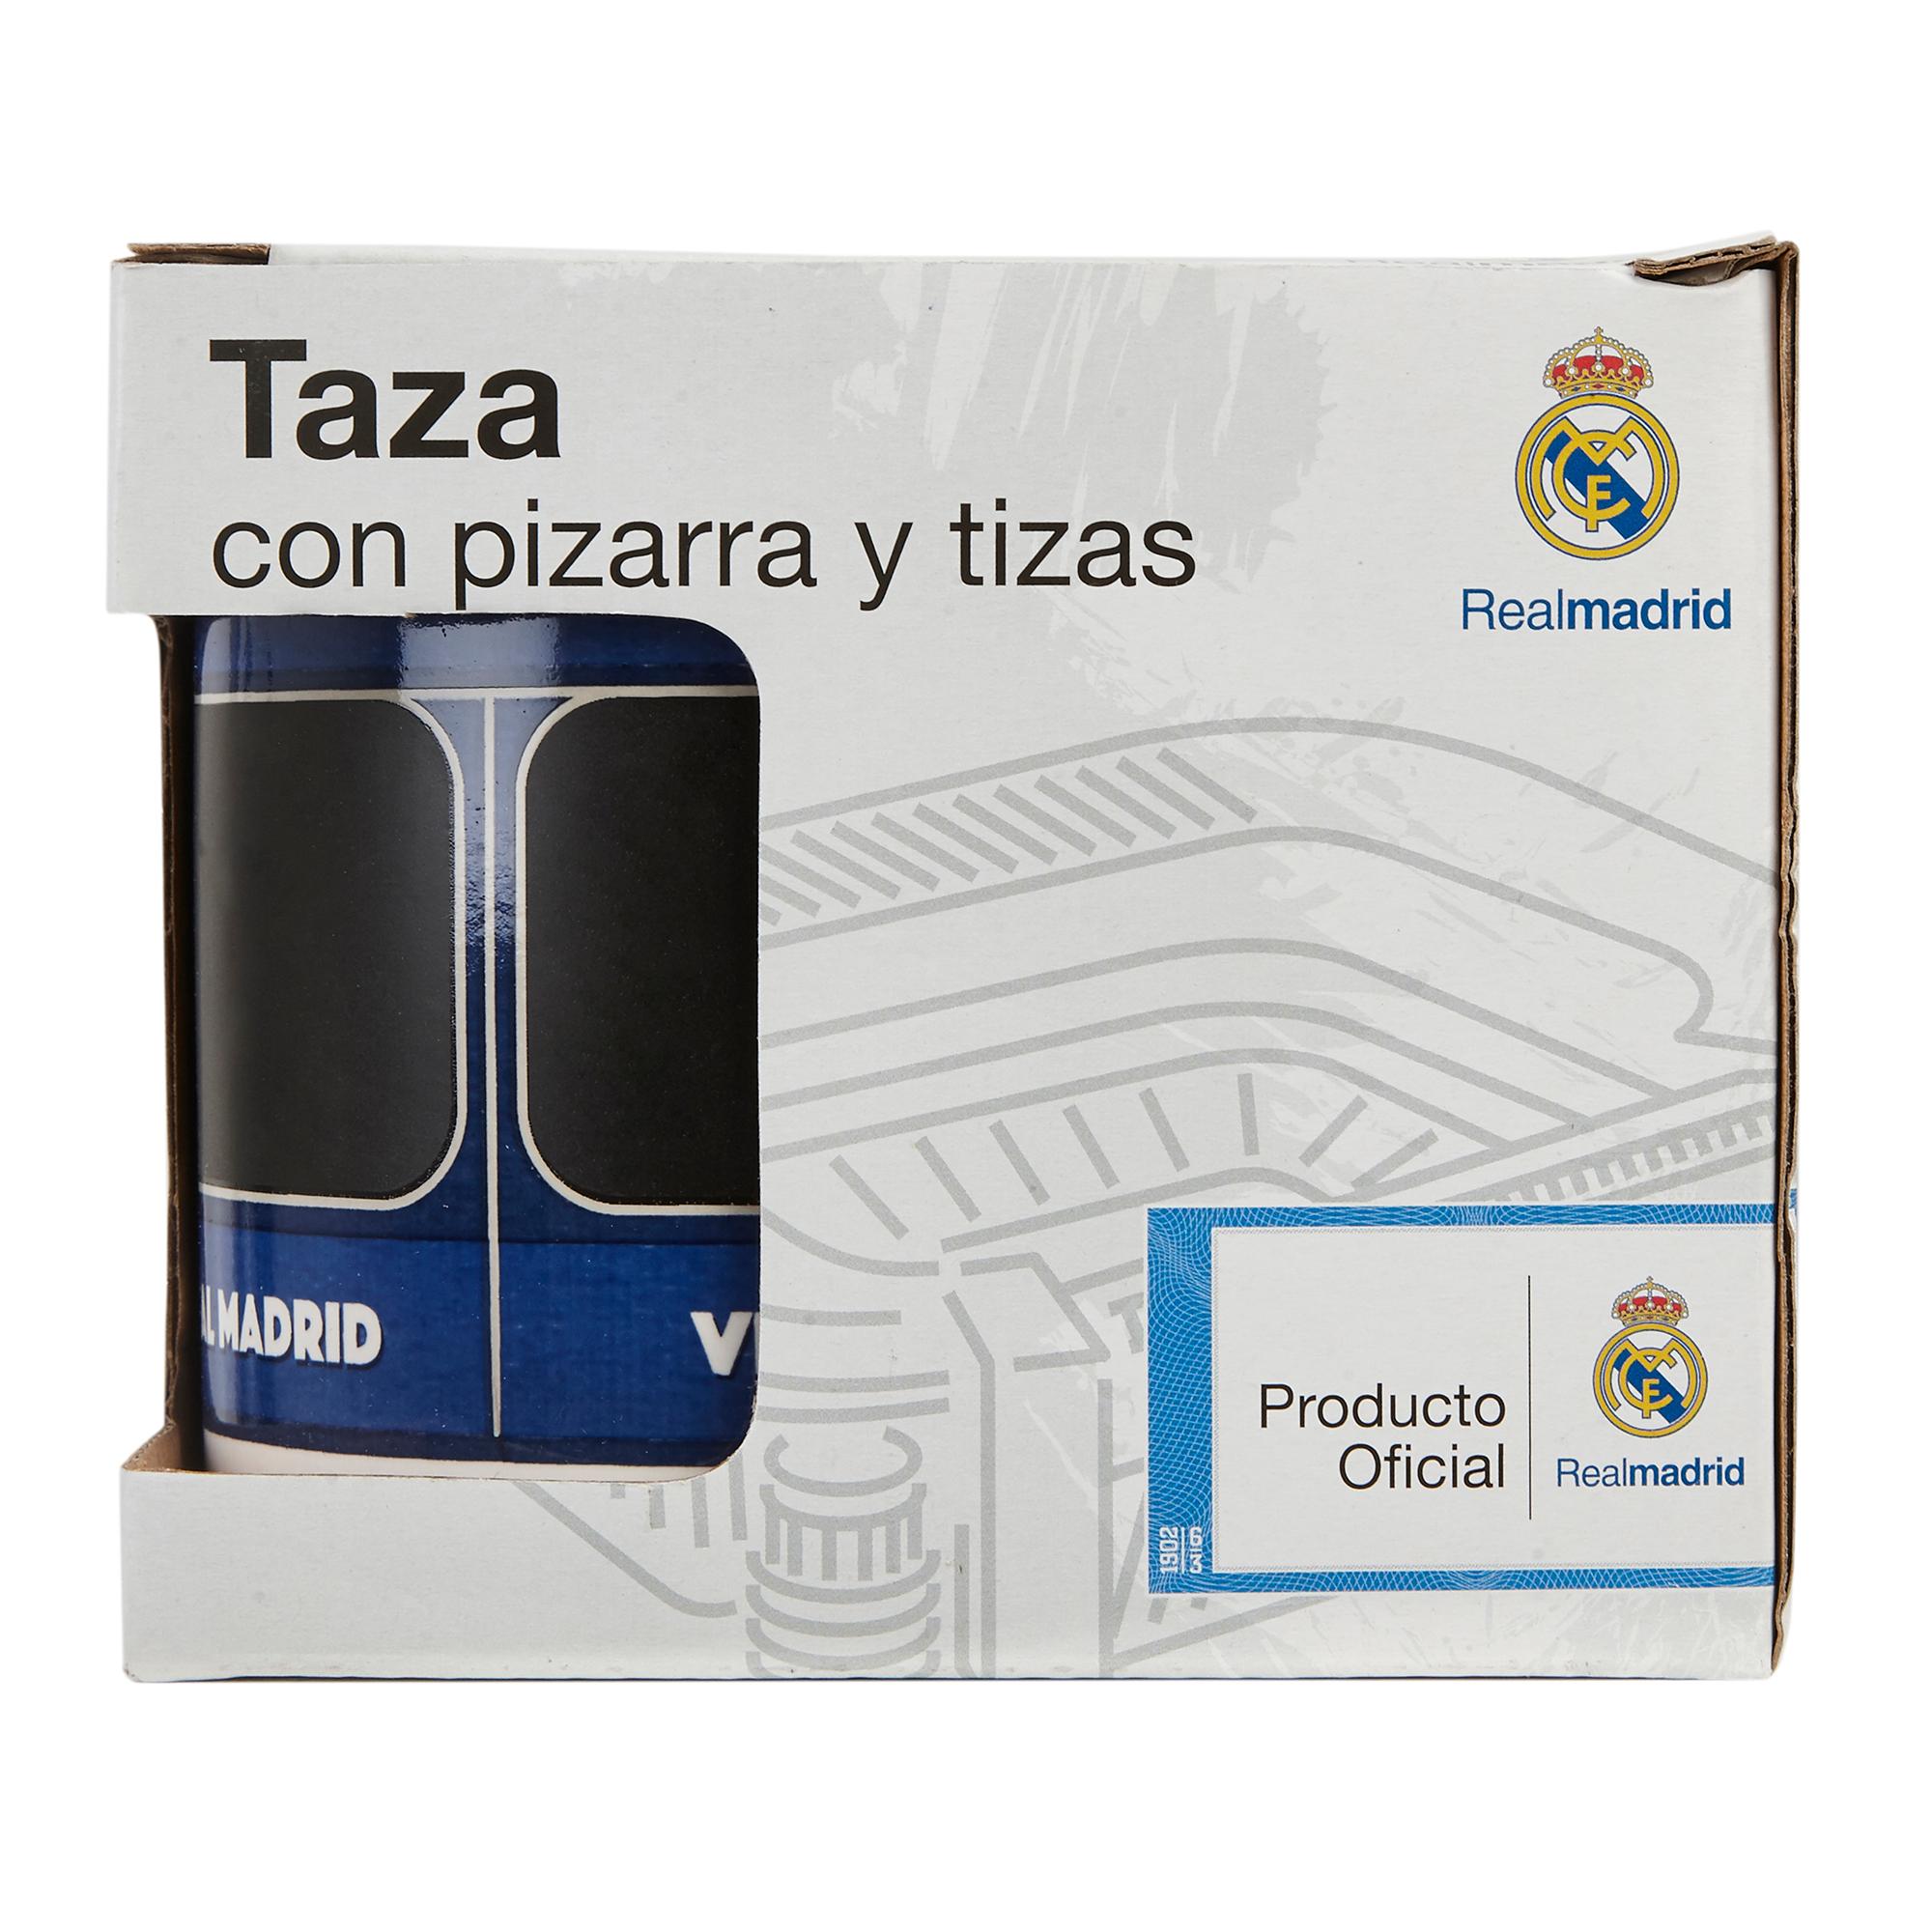 CyP Imports / Taza con pizarra y tizas del Real Madrid